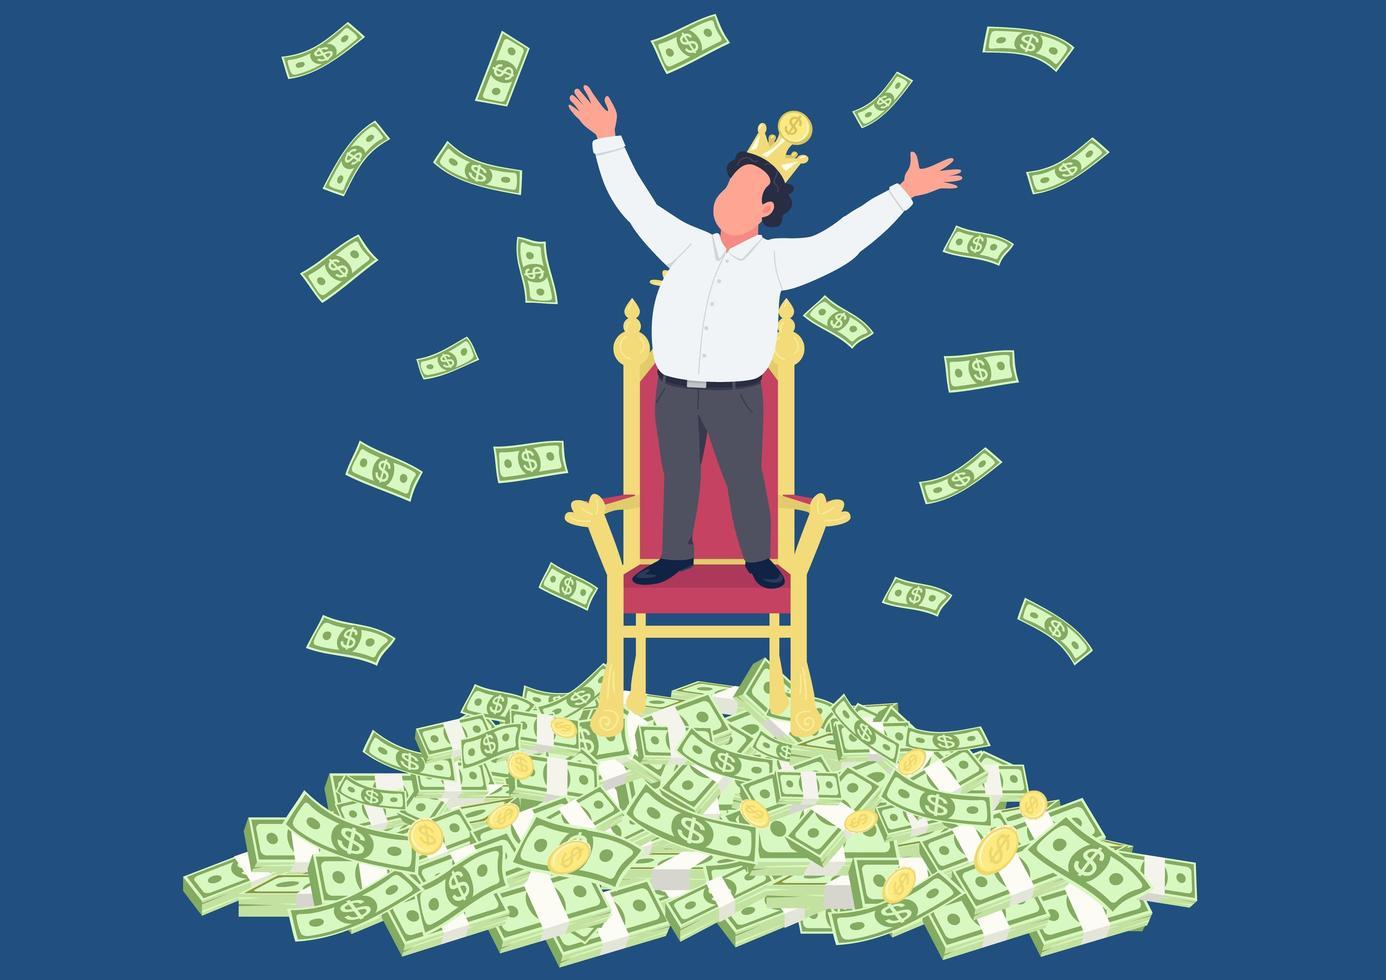 erfolgreicher Geschäftsmann mit Krone auf Geldhaufen vektor